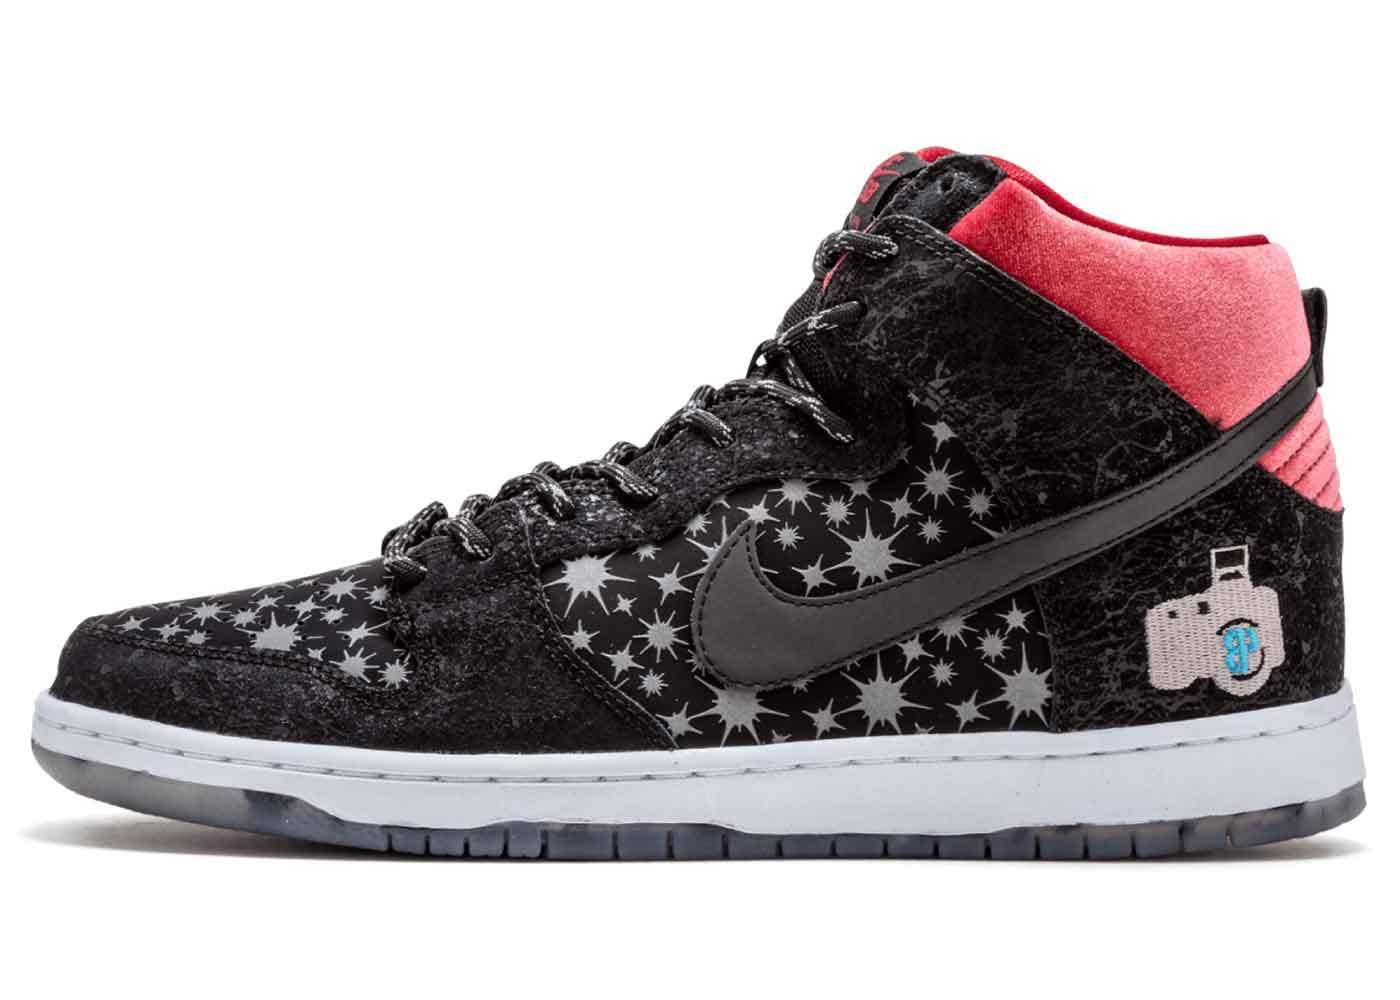 Nike SB Dunk High Brooklyn Projects Paparazzi Quickstrikeの写真